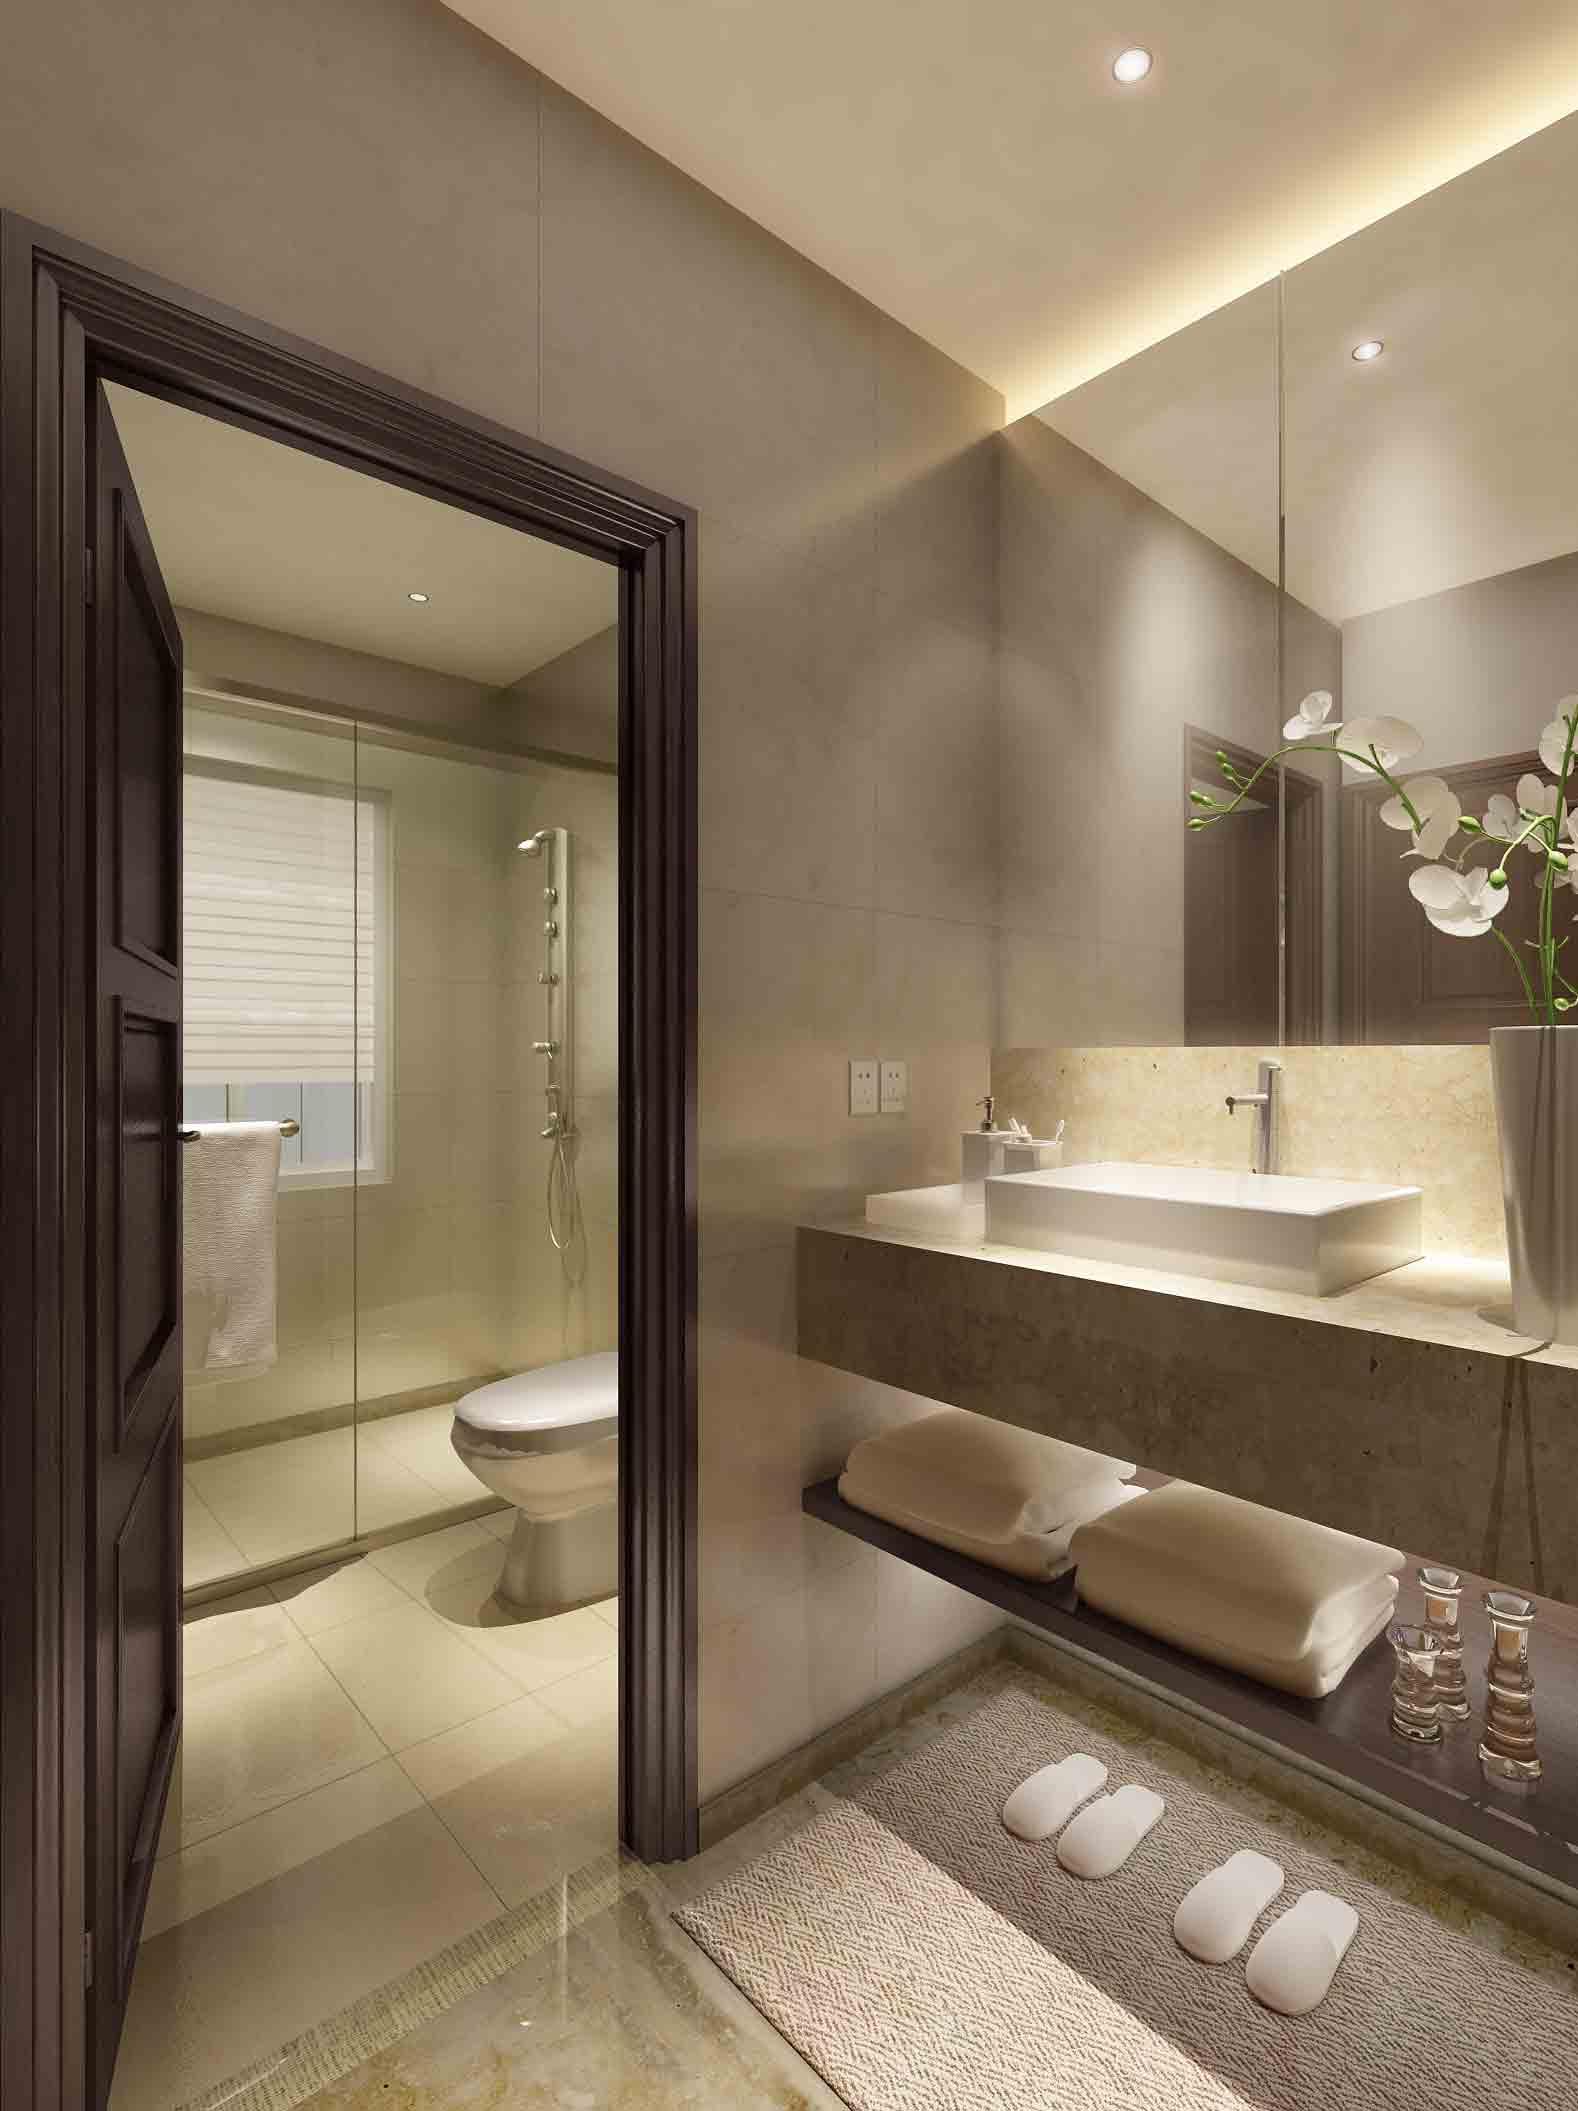 装修美图 简约卫生间装修效果图  免费户型设计 3家优质装修公司免费